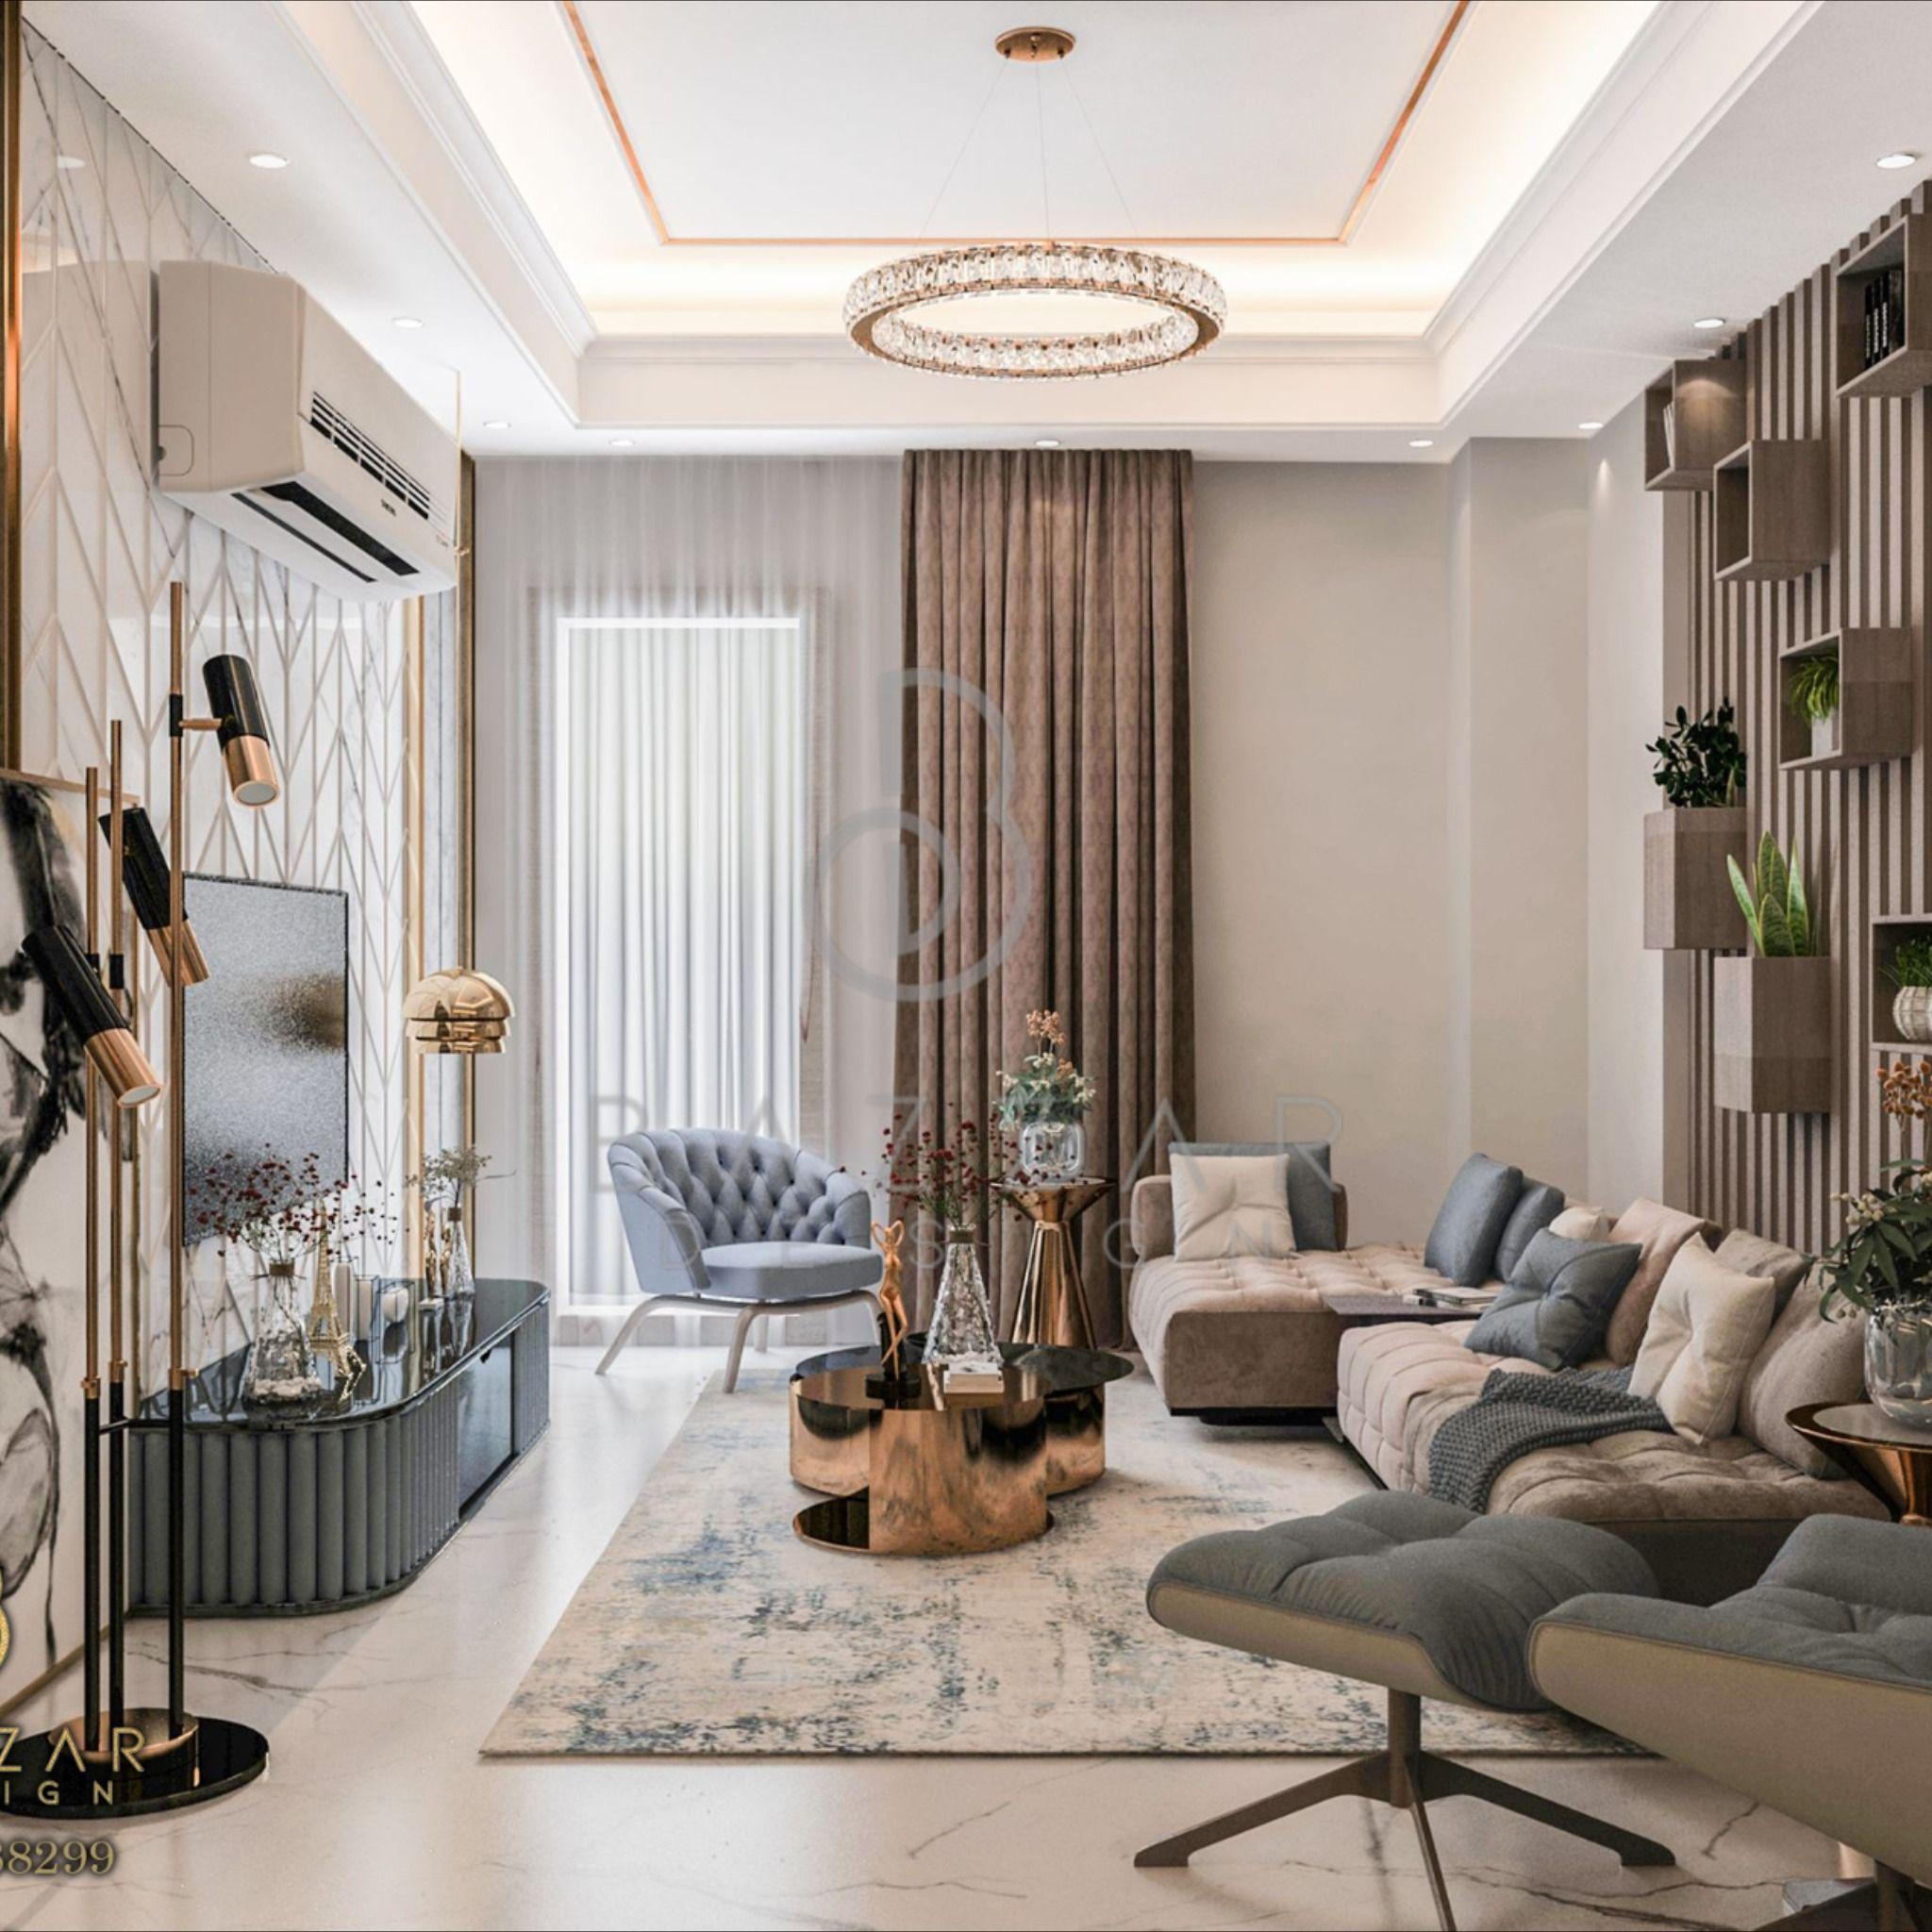 تصميم غرفه معيشه مودرن Small Cozy Living Room Design Ideas Room Design Cozy Living Rooms Cozy Living Room Design